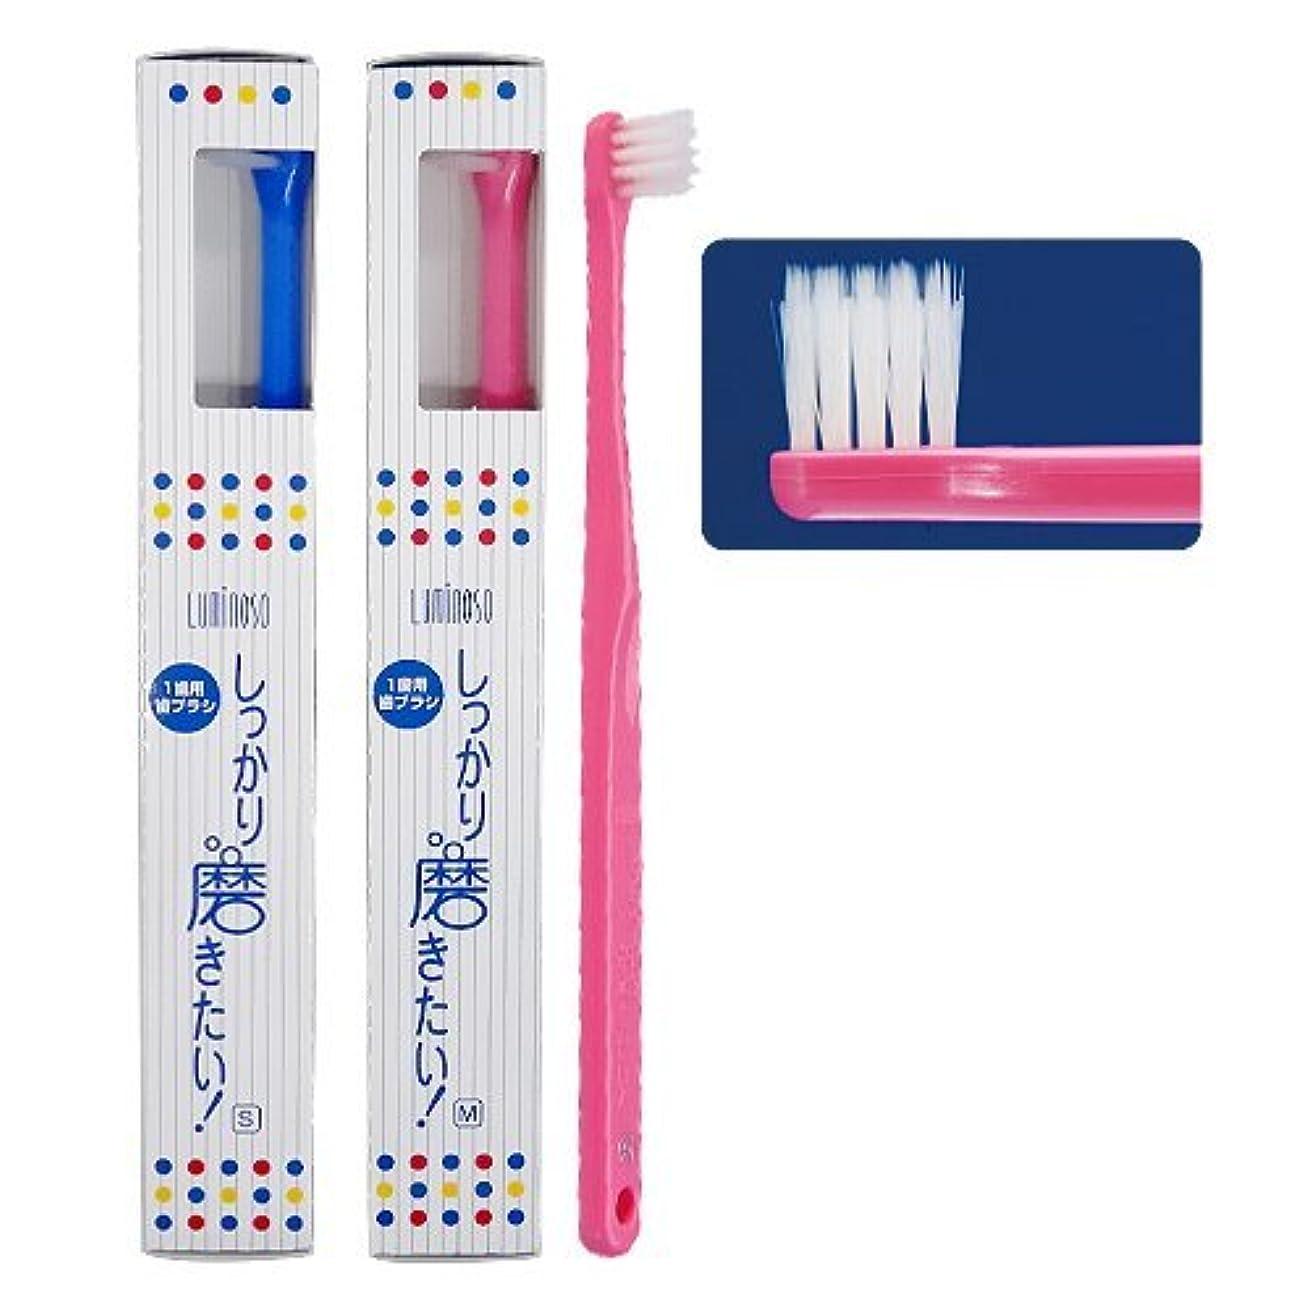 廃止するペナルティ経度ルミノソ 1歯用歯ブラシ「しっかり磨きたい!」スタンダード ミディアム (カラー指定不可) 3本